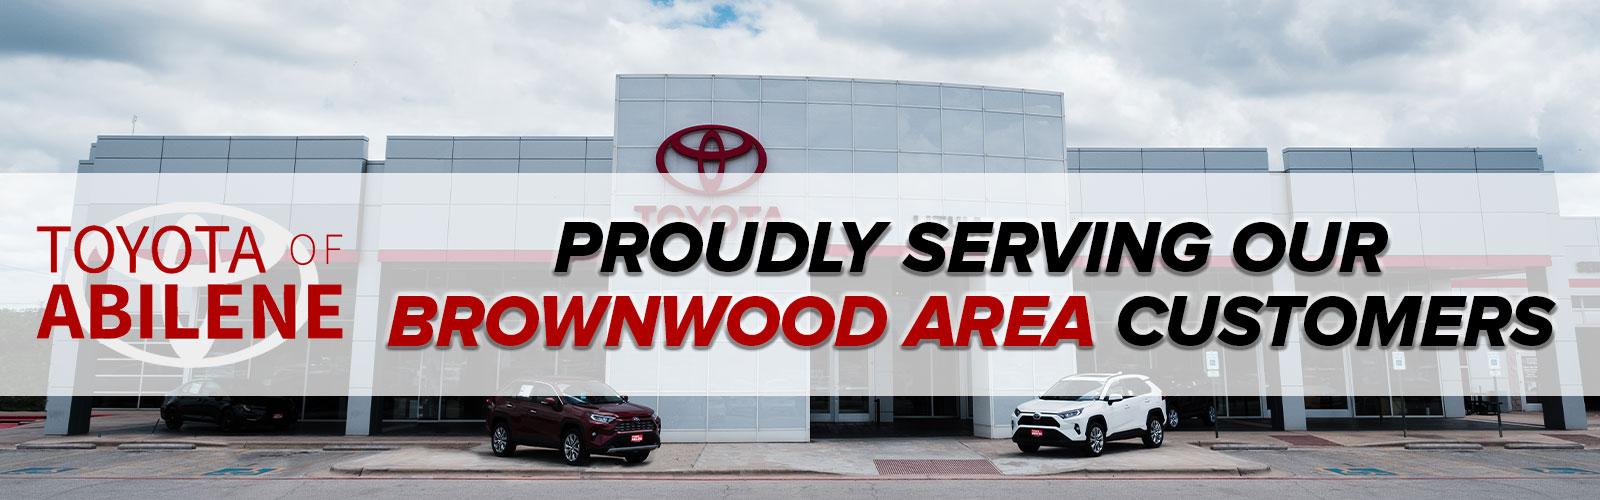 Lithia Toyota of Abilene near Brownwood